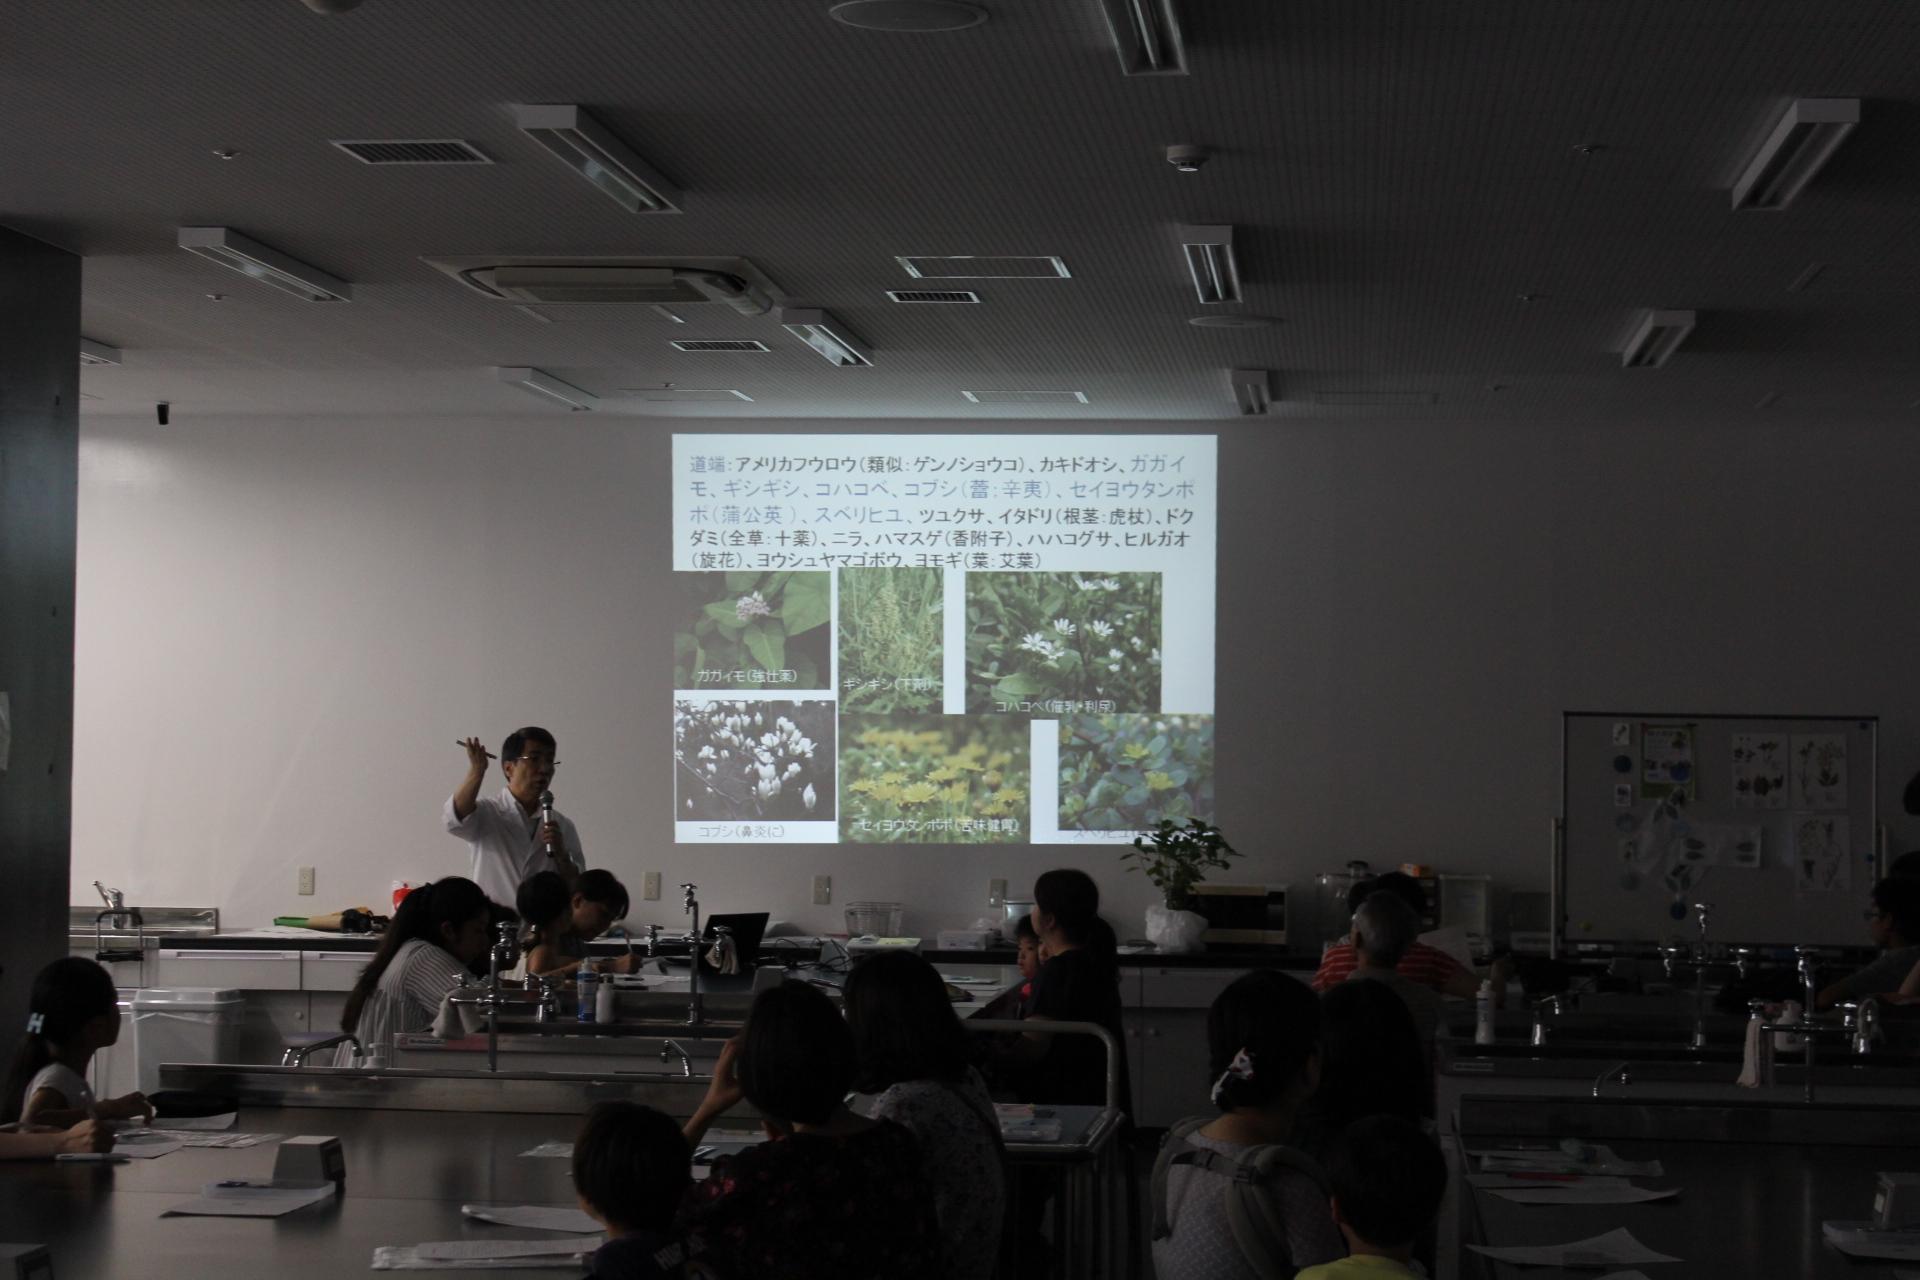 公開講座「夏休み親子薬草教室」を開催 -- 帝京平成大学